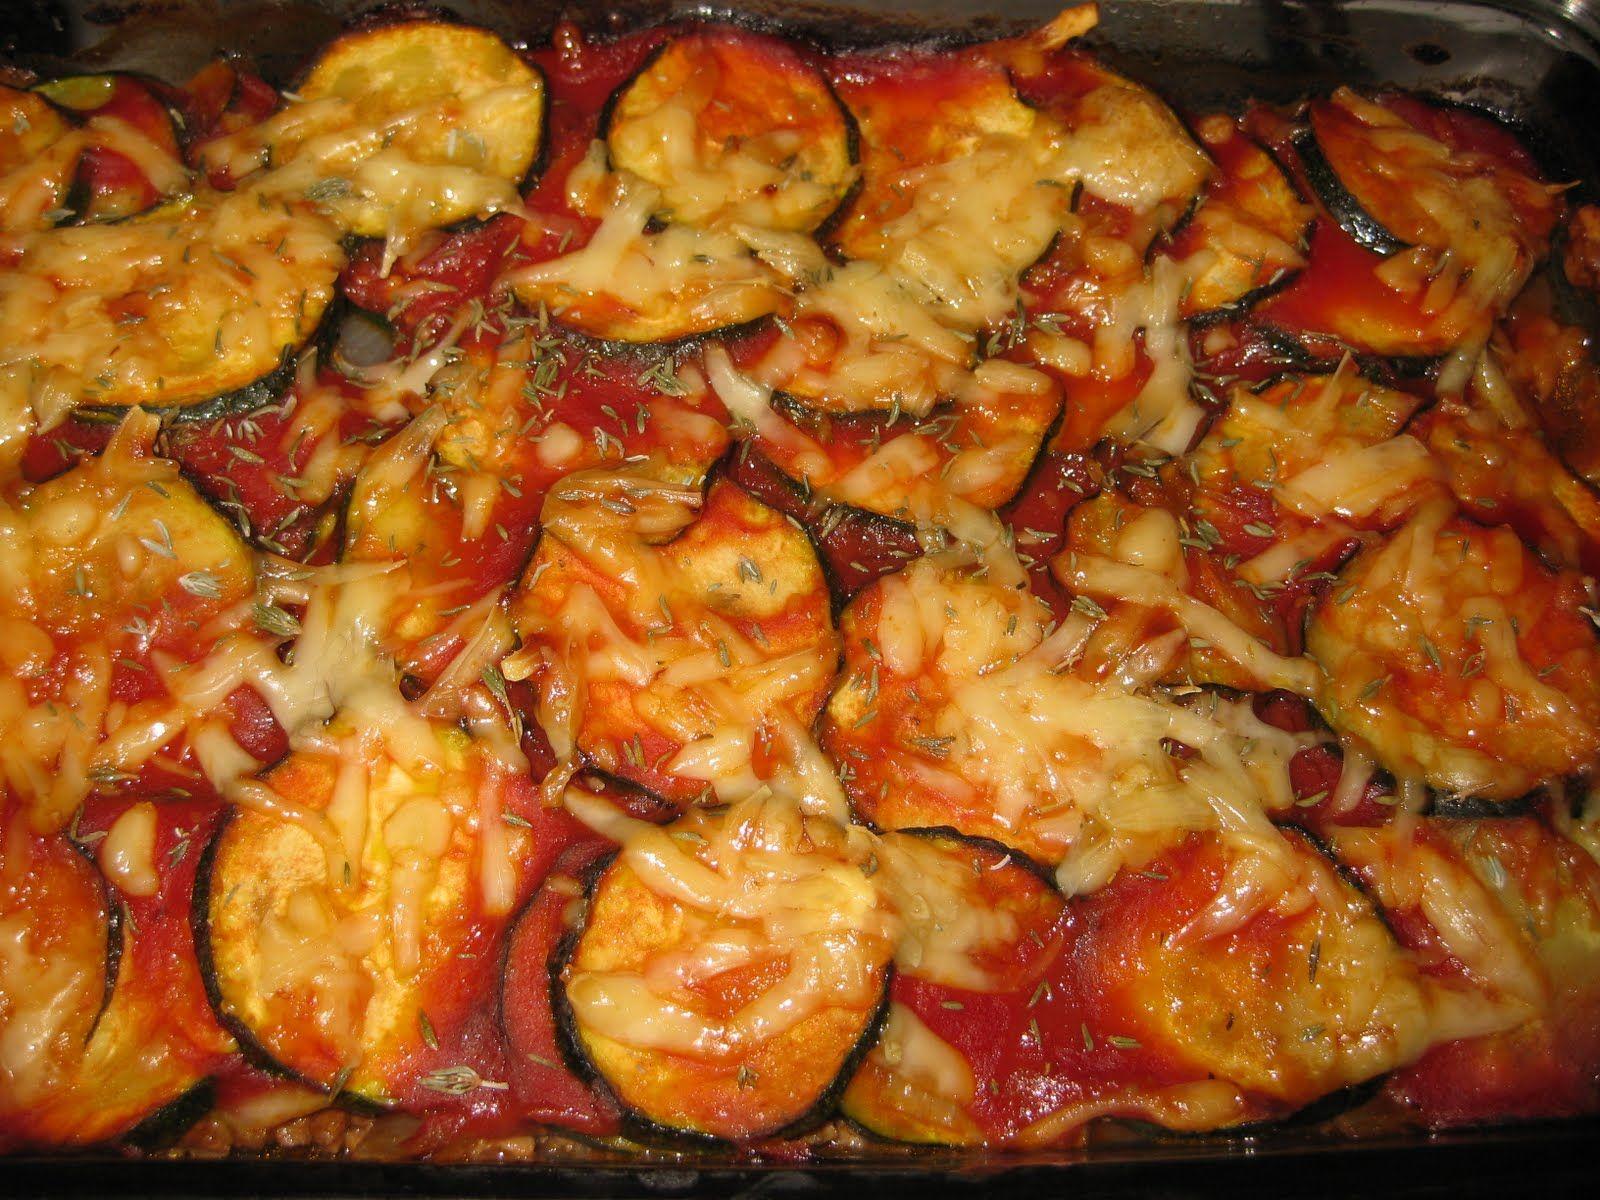 Trucs astuces cuisine facile page 21 for Astuce cuisine facile